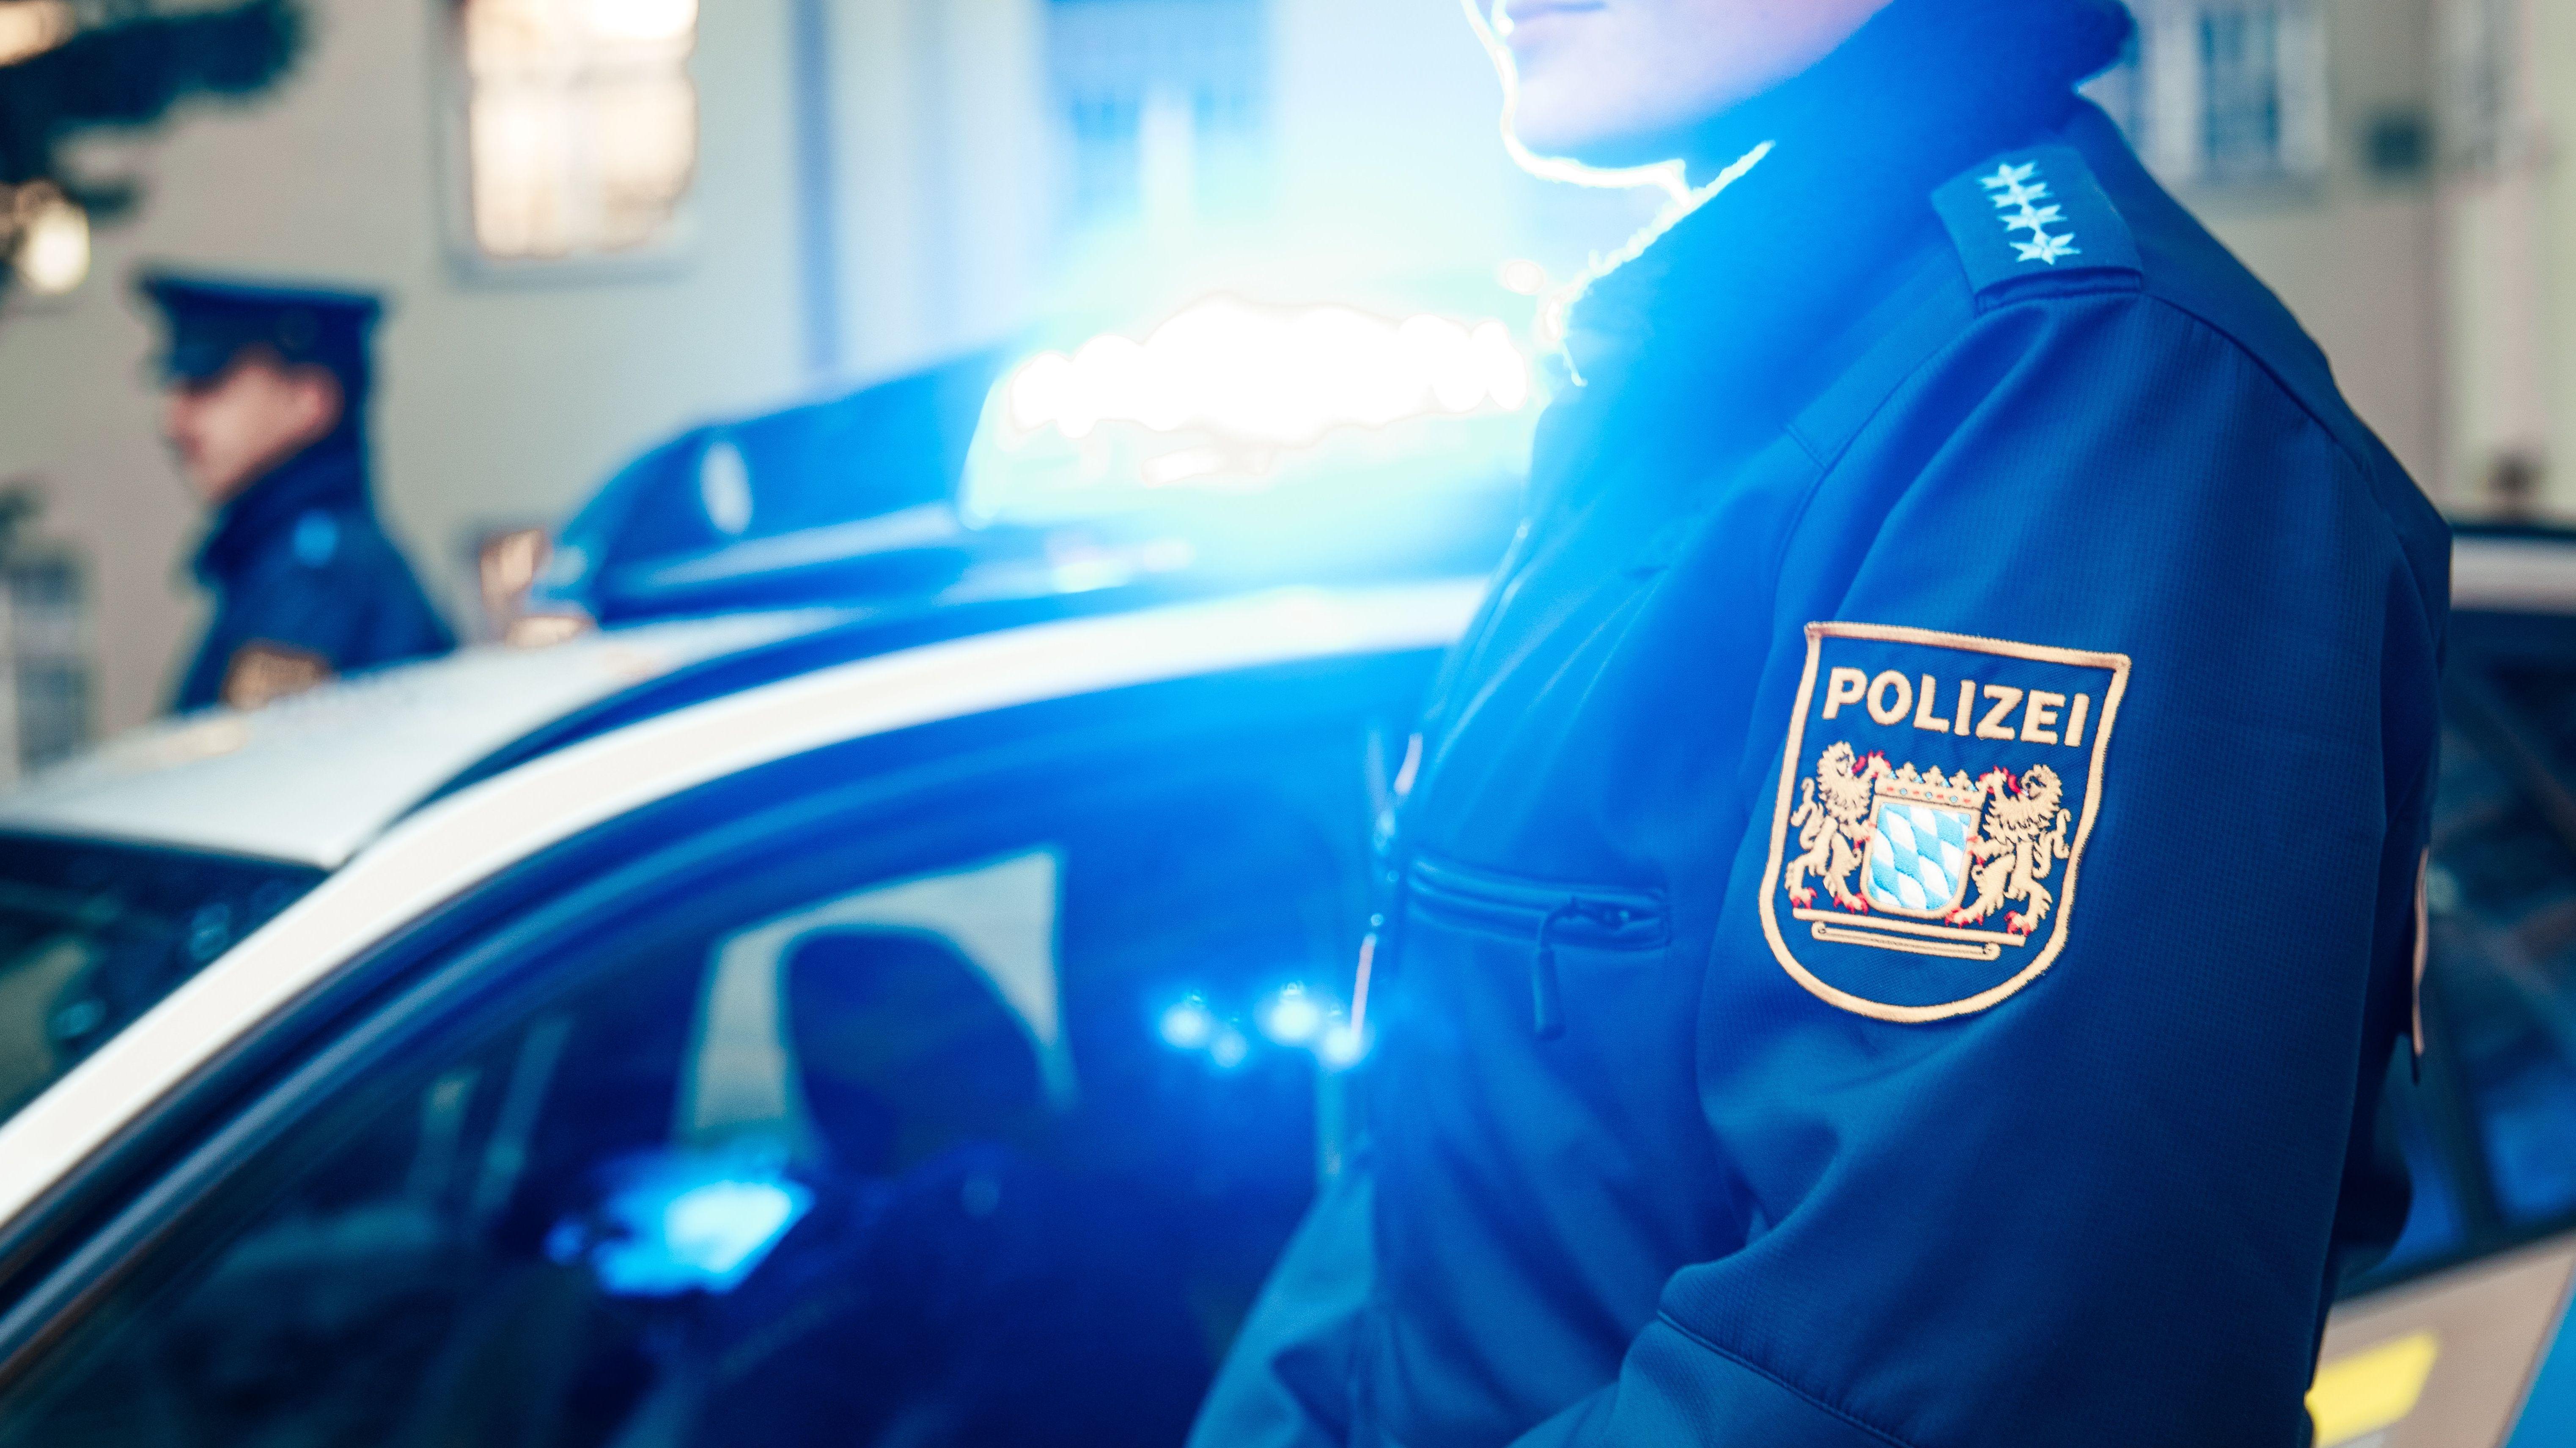 Polizistin und Polizist vor einem Polizeiauto mit Blaulicht